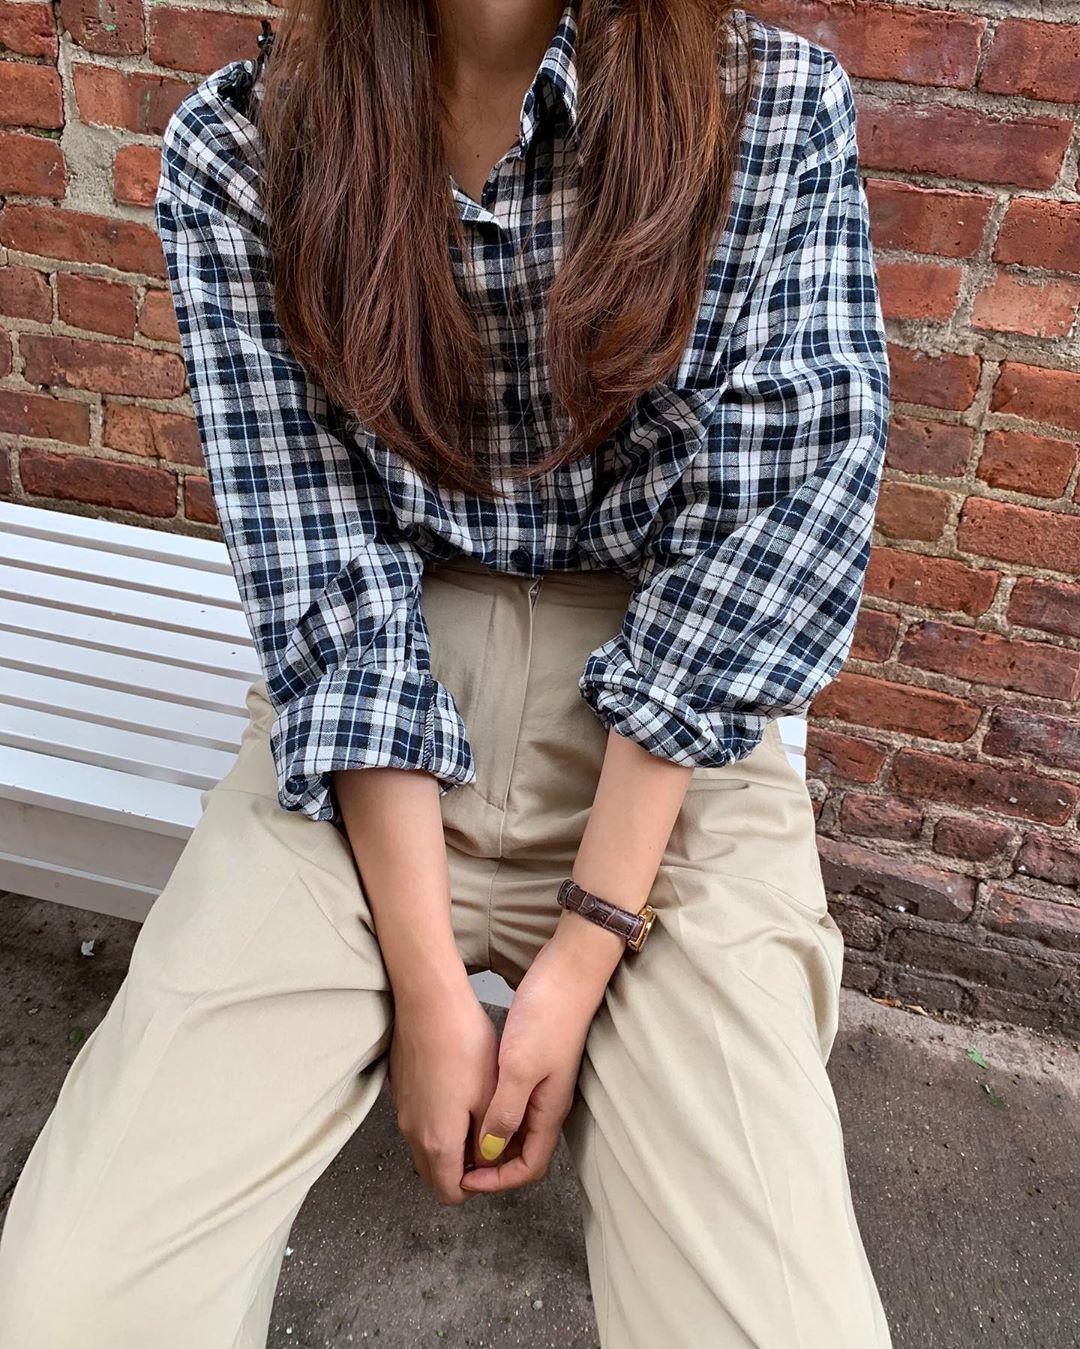 Khi bị đồng nghiệp chê mặc xấu: Nàng công sở đừng mặc kệ mà hãy cải tổ phong cách với 8 items sau đây - Ảnh 10